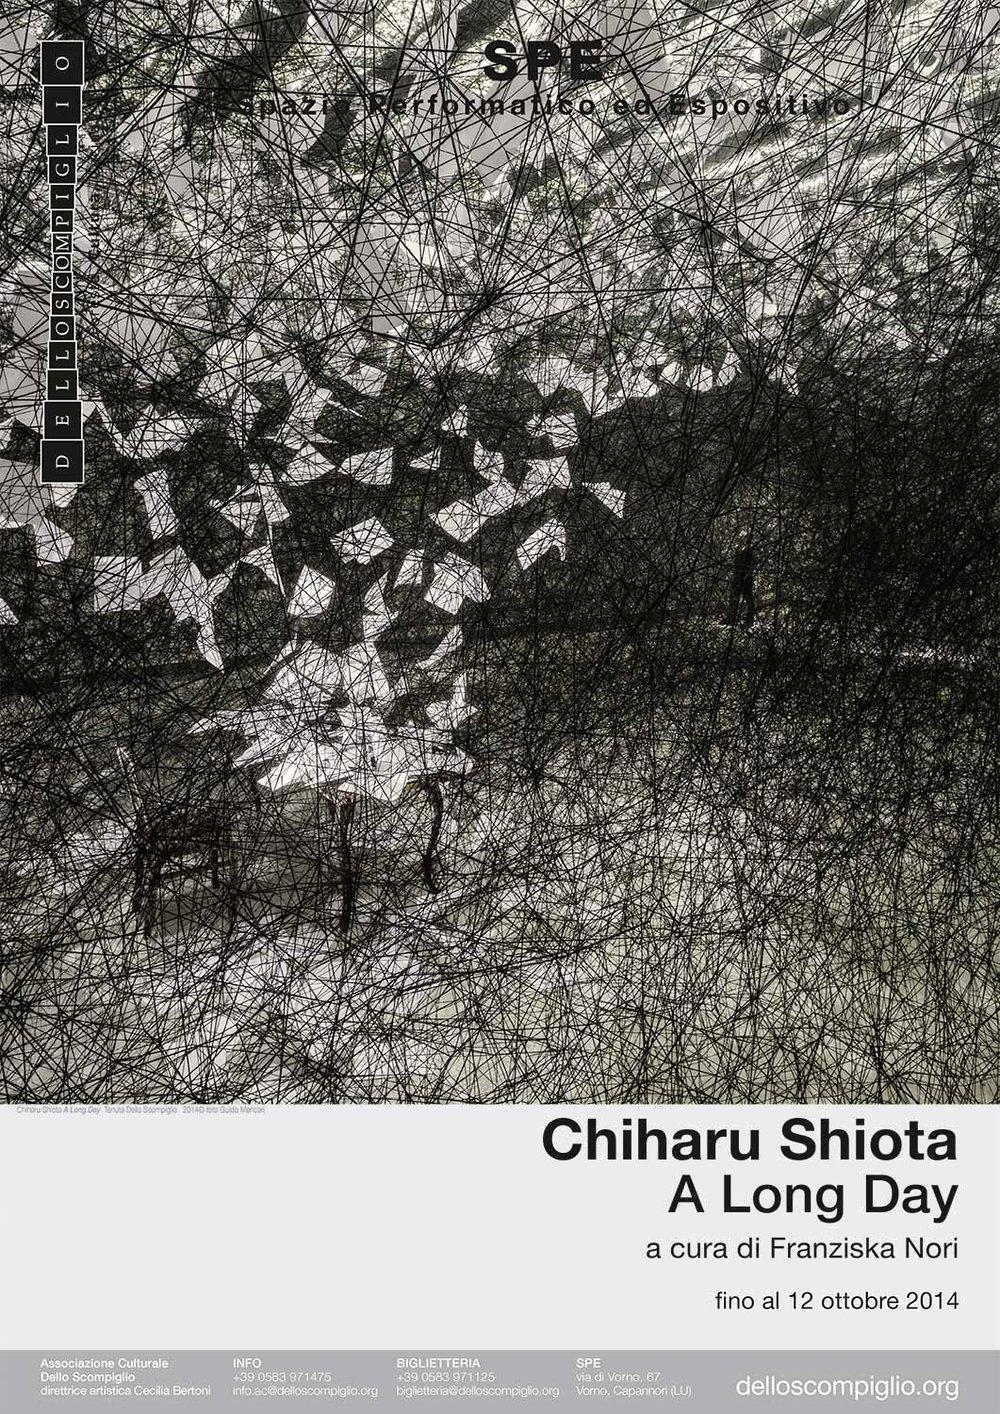 Chiharu Shiota | A long day    Poster   Associazione Culturale Dello Scompiglio, 2014